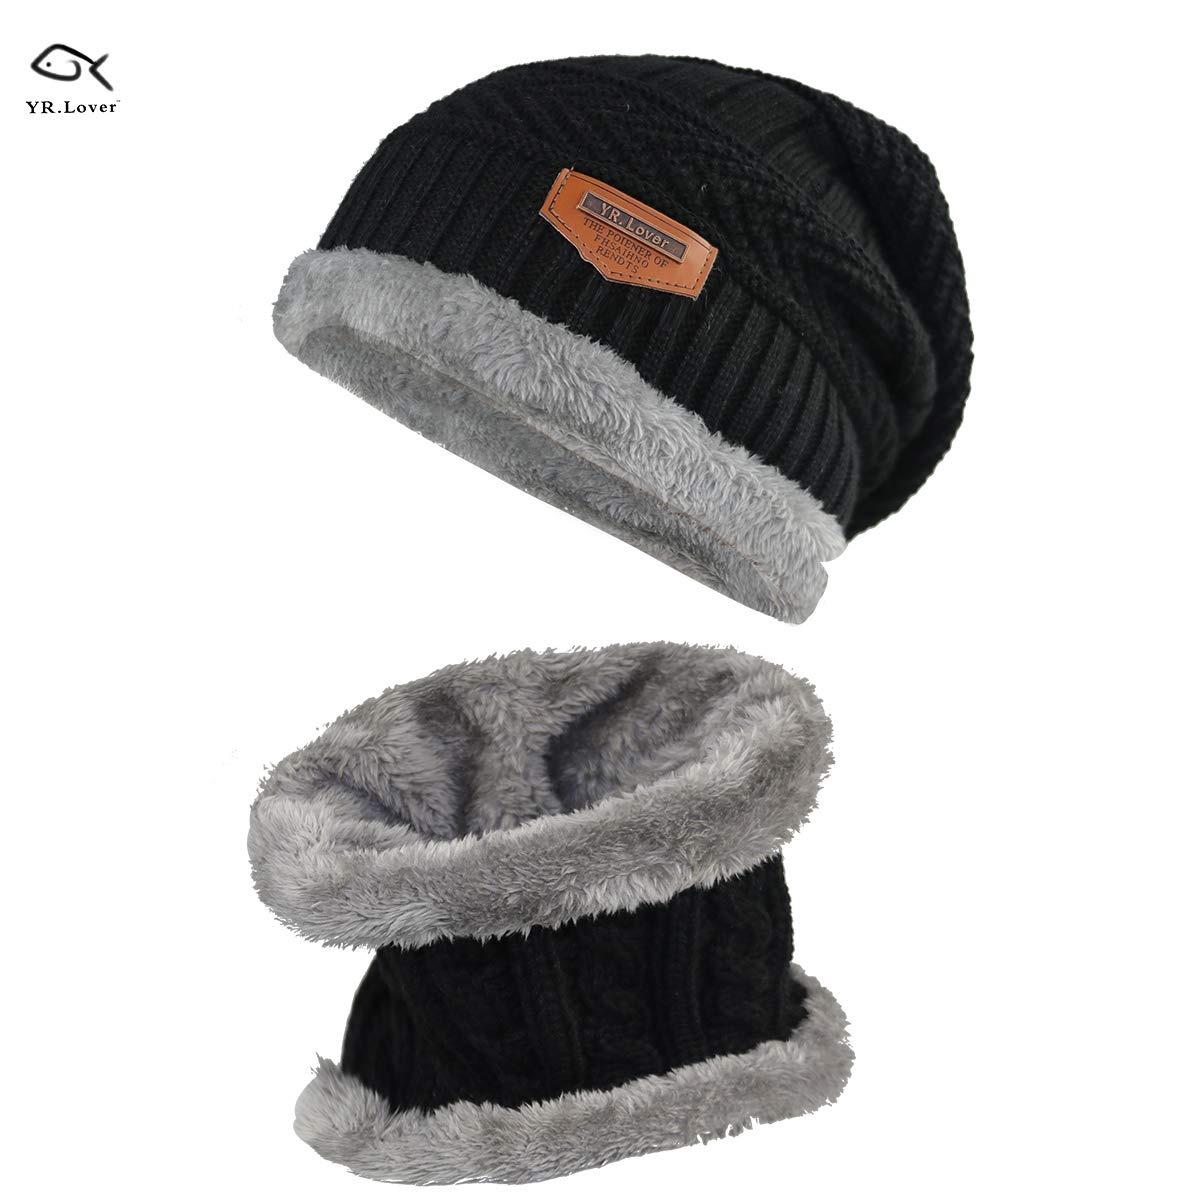 f8765d46a sombrero hecho punto de la bufanda del sombrero caliente. Cargando zoom.